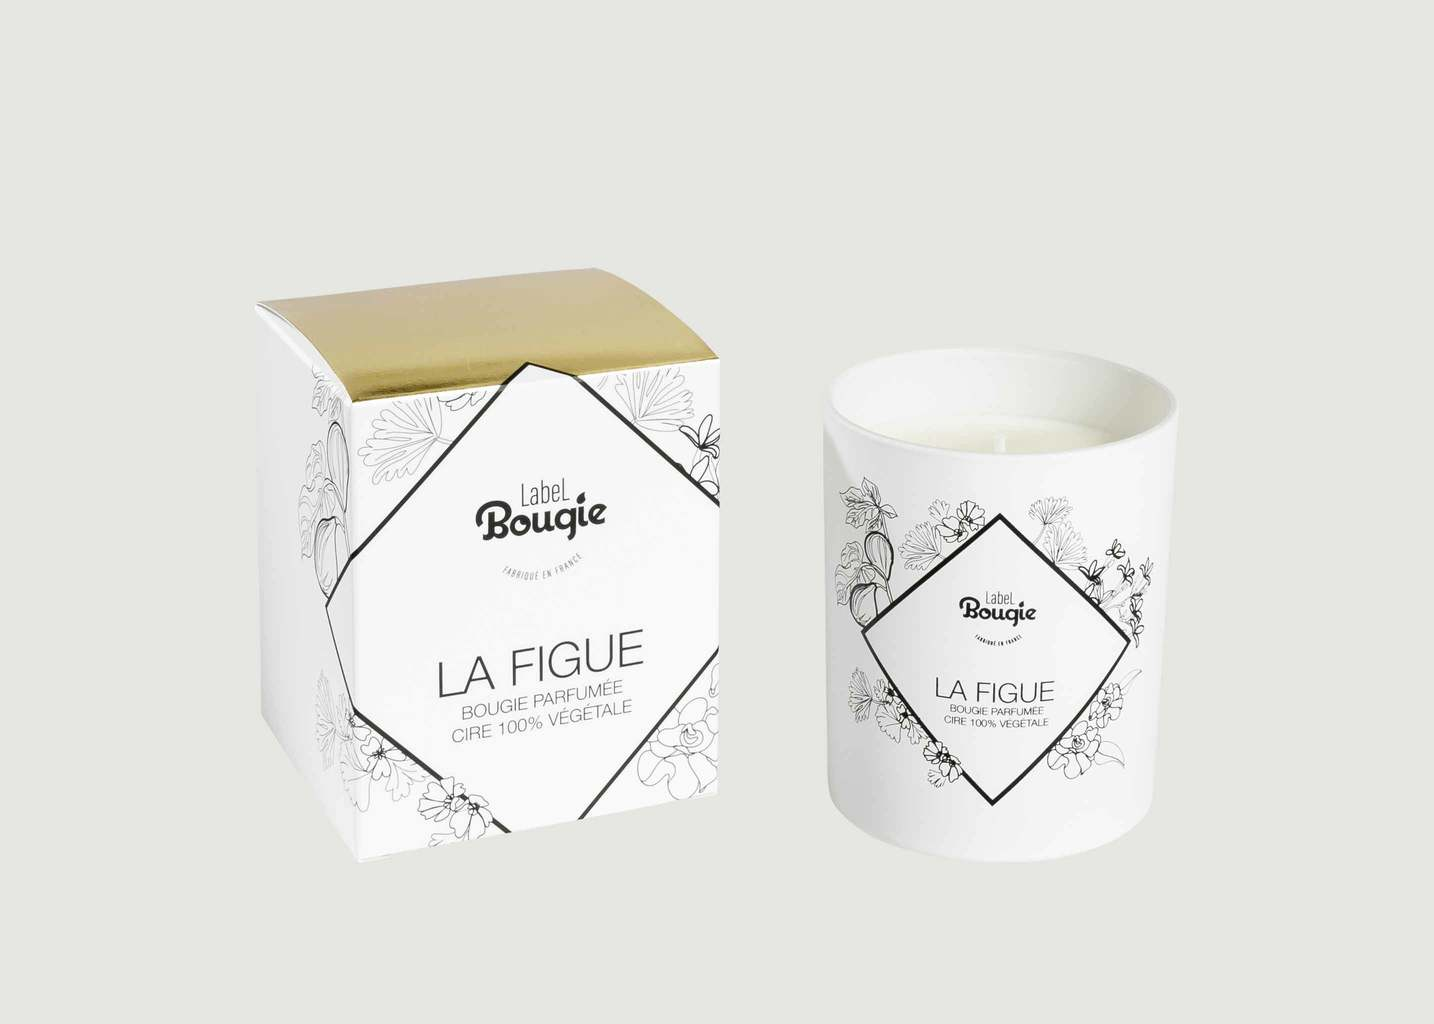 Bougie La Figue 180g - Label Bougie